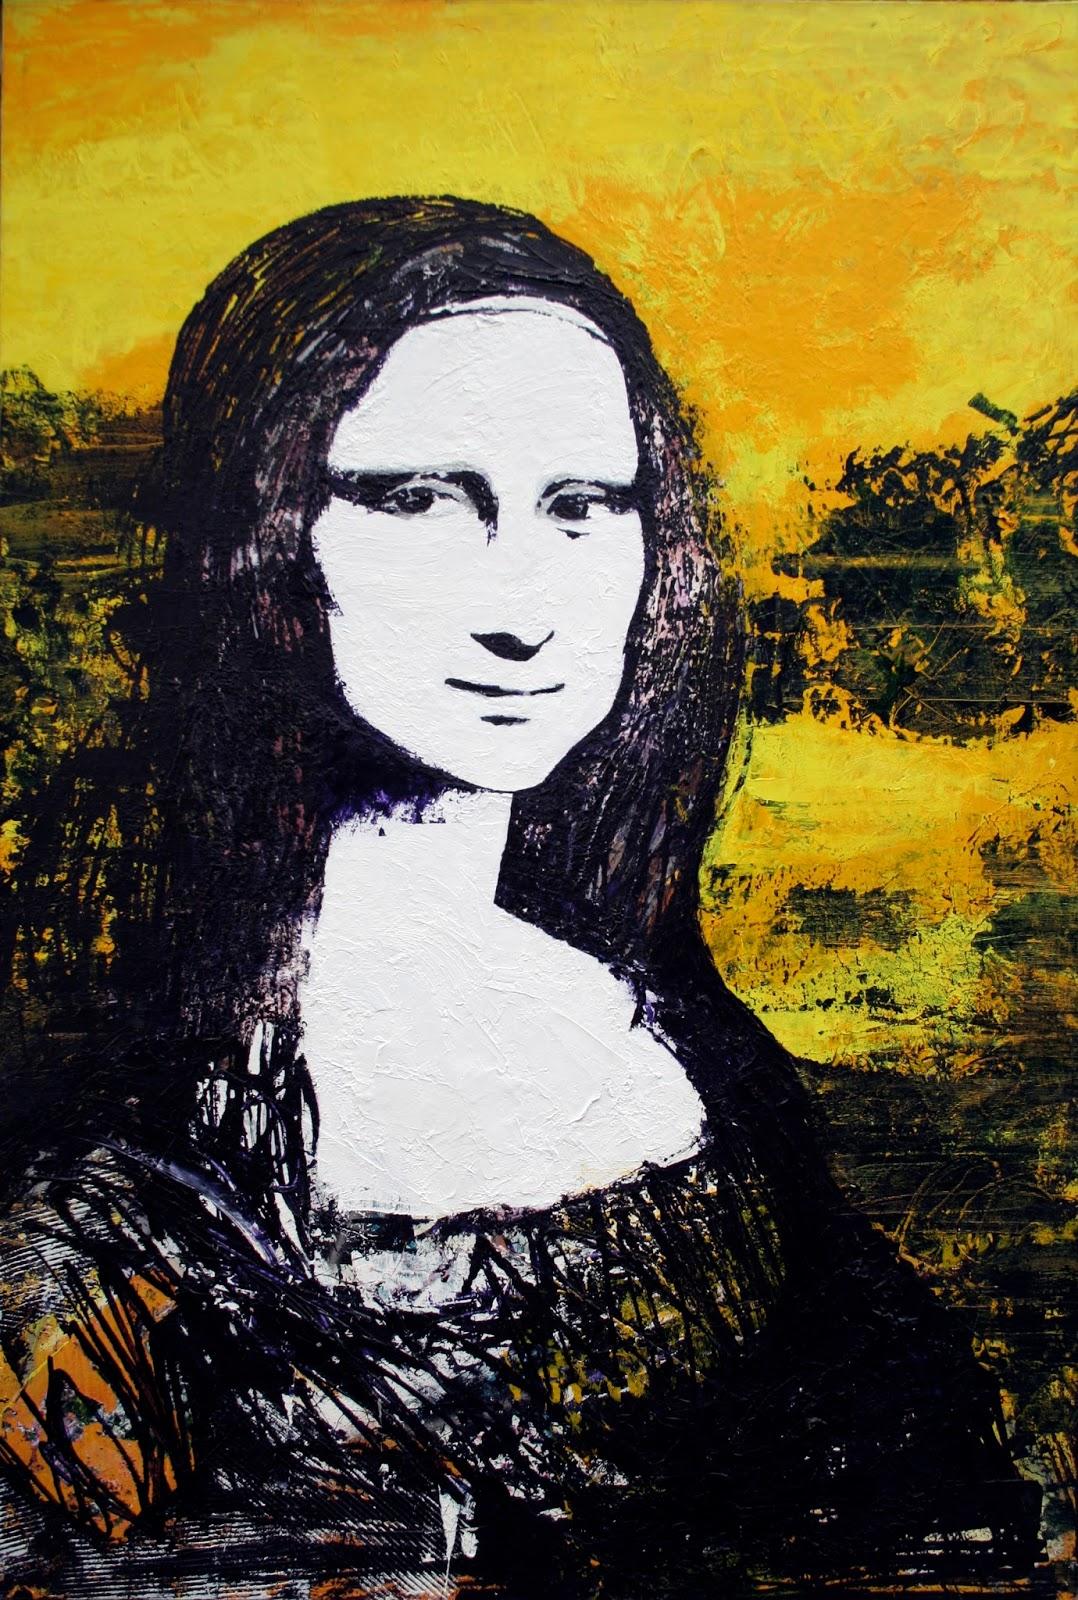 """Wild Side Mona Acrylique sur toile 95 x 130 cm - (Léonard de Vinci, """"La Joconde"""", entre 1503 et 1506) © Éric Citerne"""